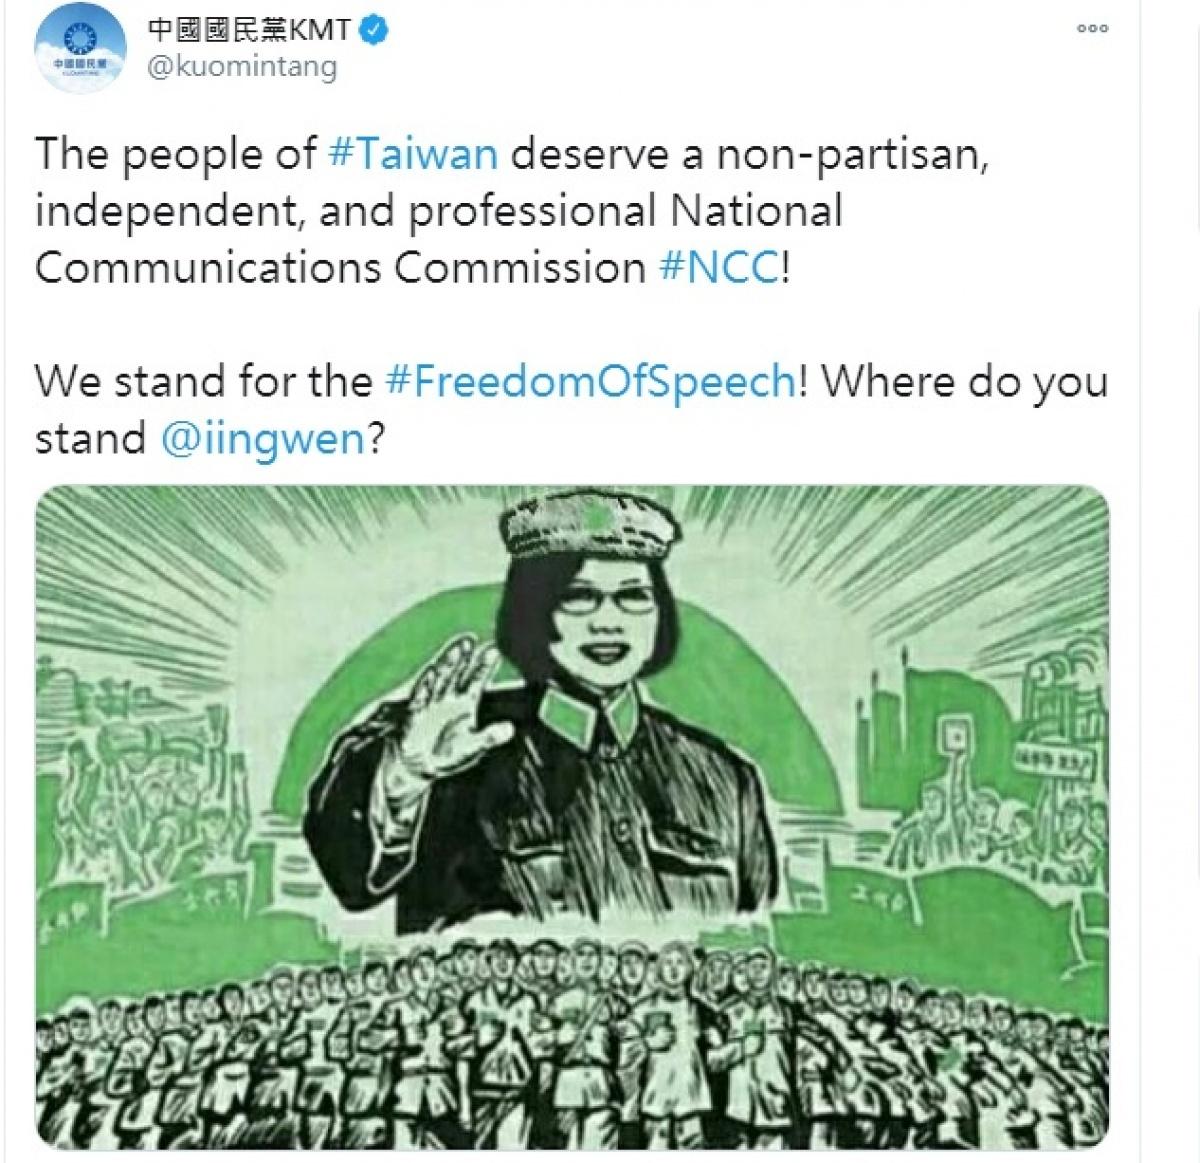 國民黨推特用毛澤東酸小英 外媒記者諷:台灣軍事獨裁的黨 法國學者轟「可悲」